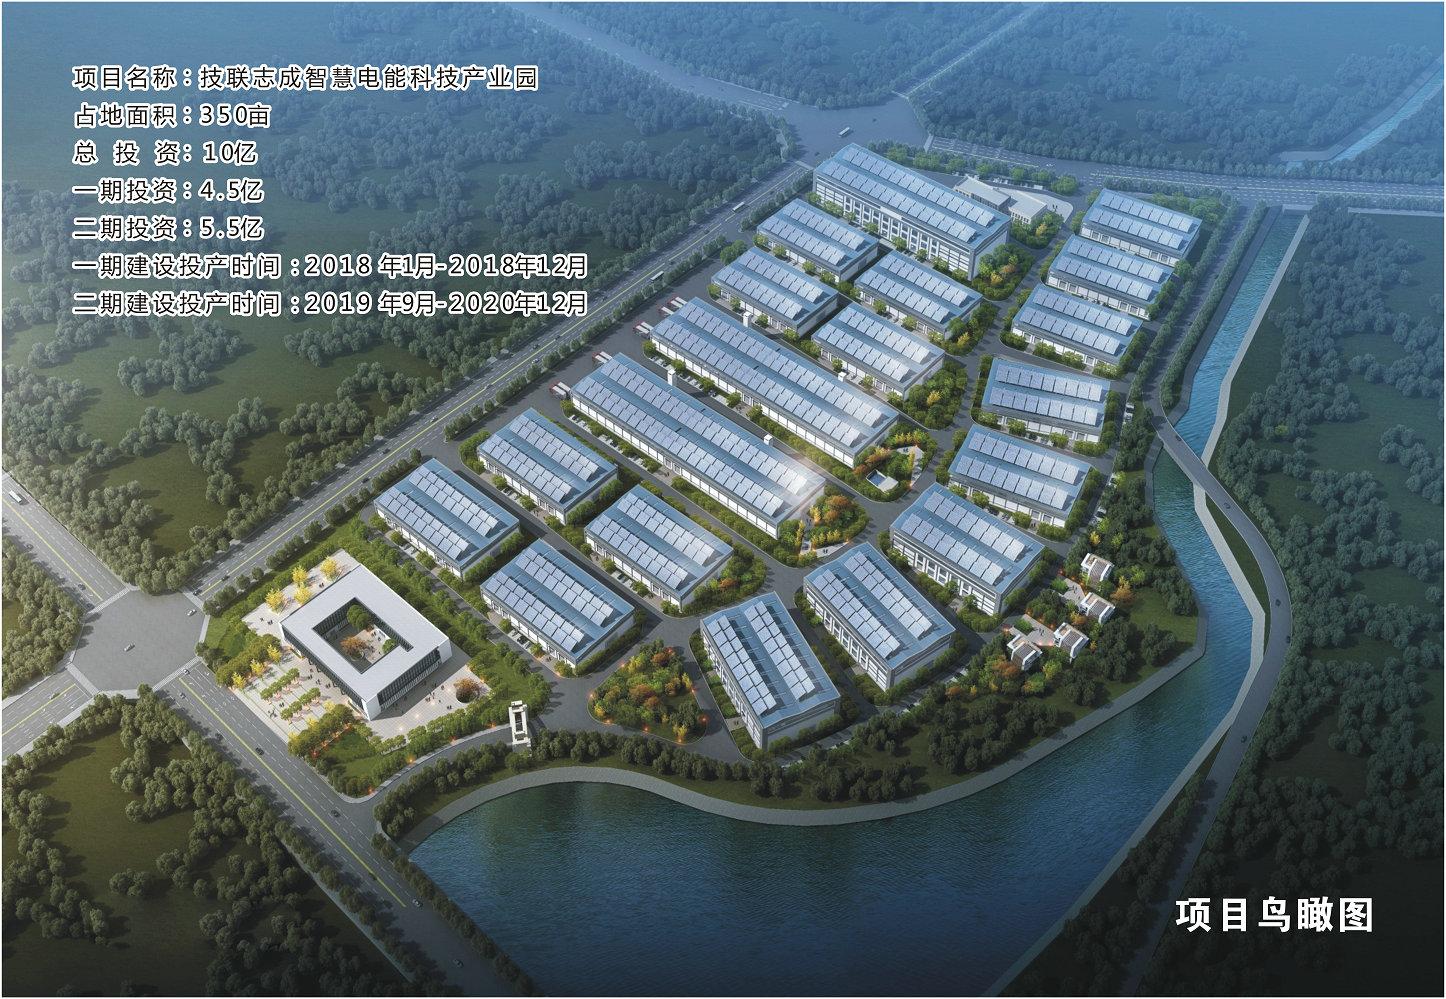 湖北技联志成智慧电能科技产业园